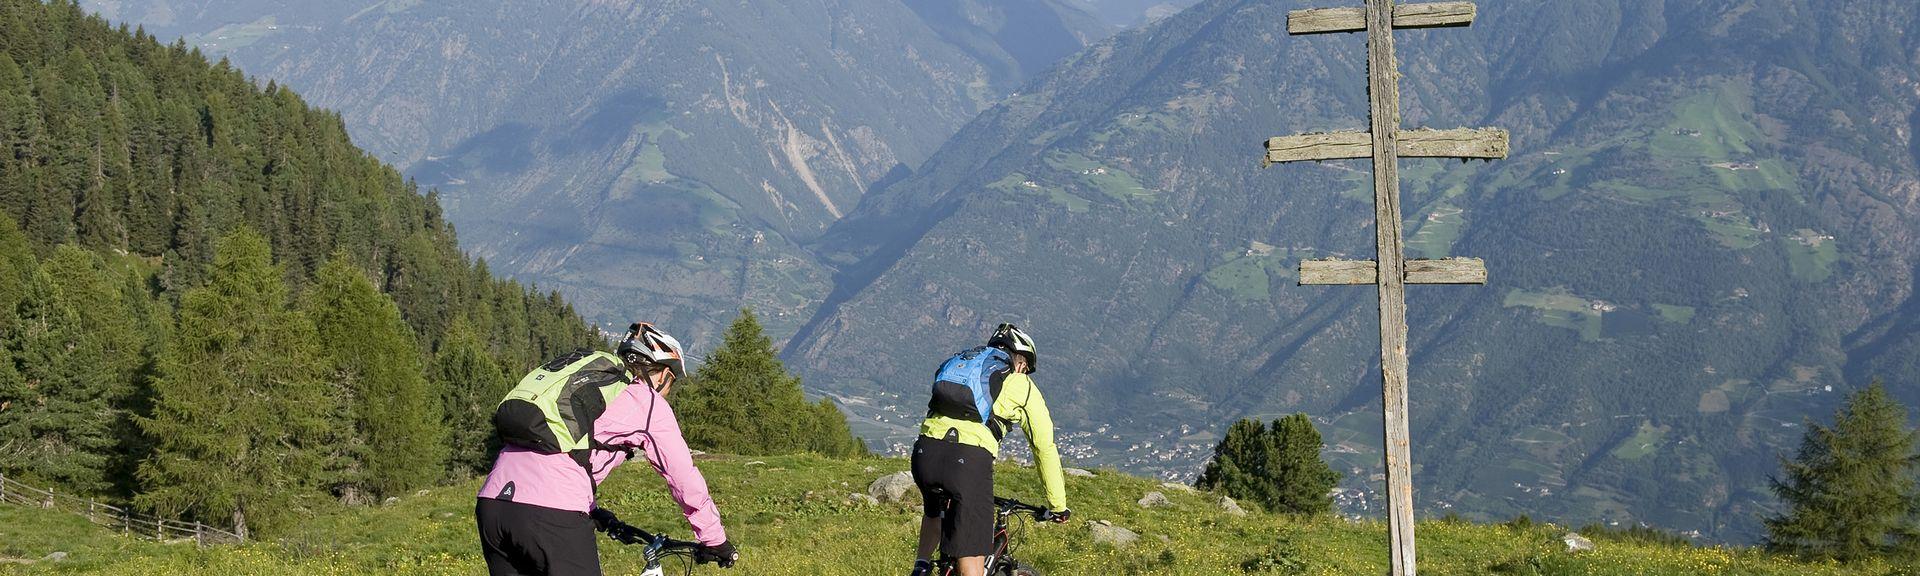 Latsch, Alto Adige, Trentino-Alto Adige/South Tyrol, Italy